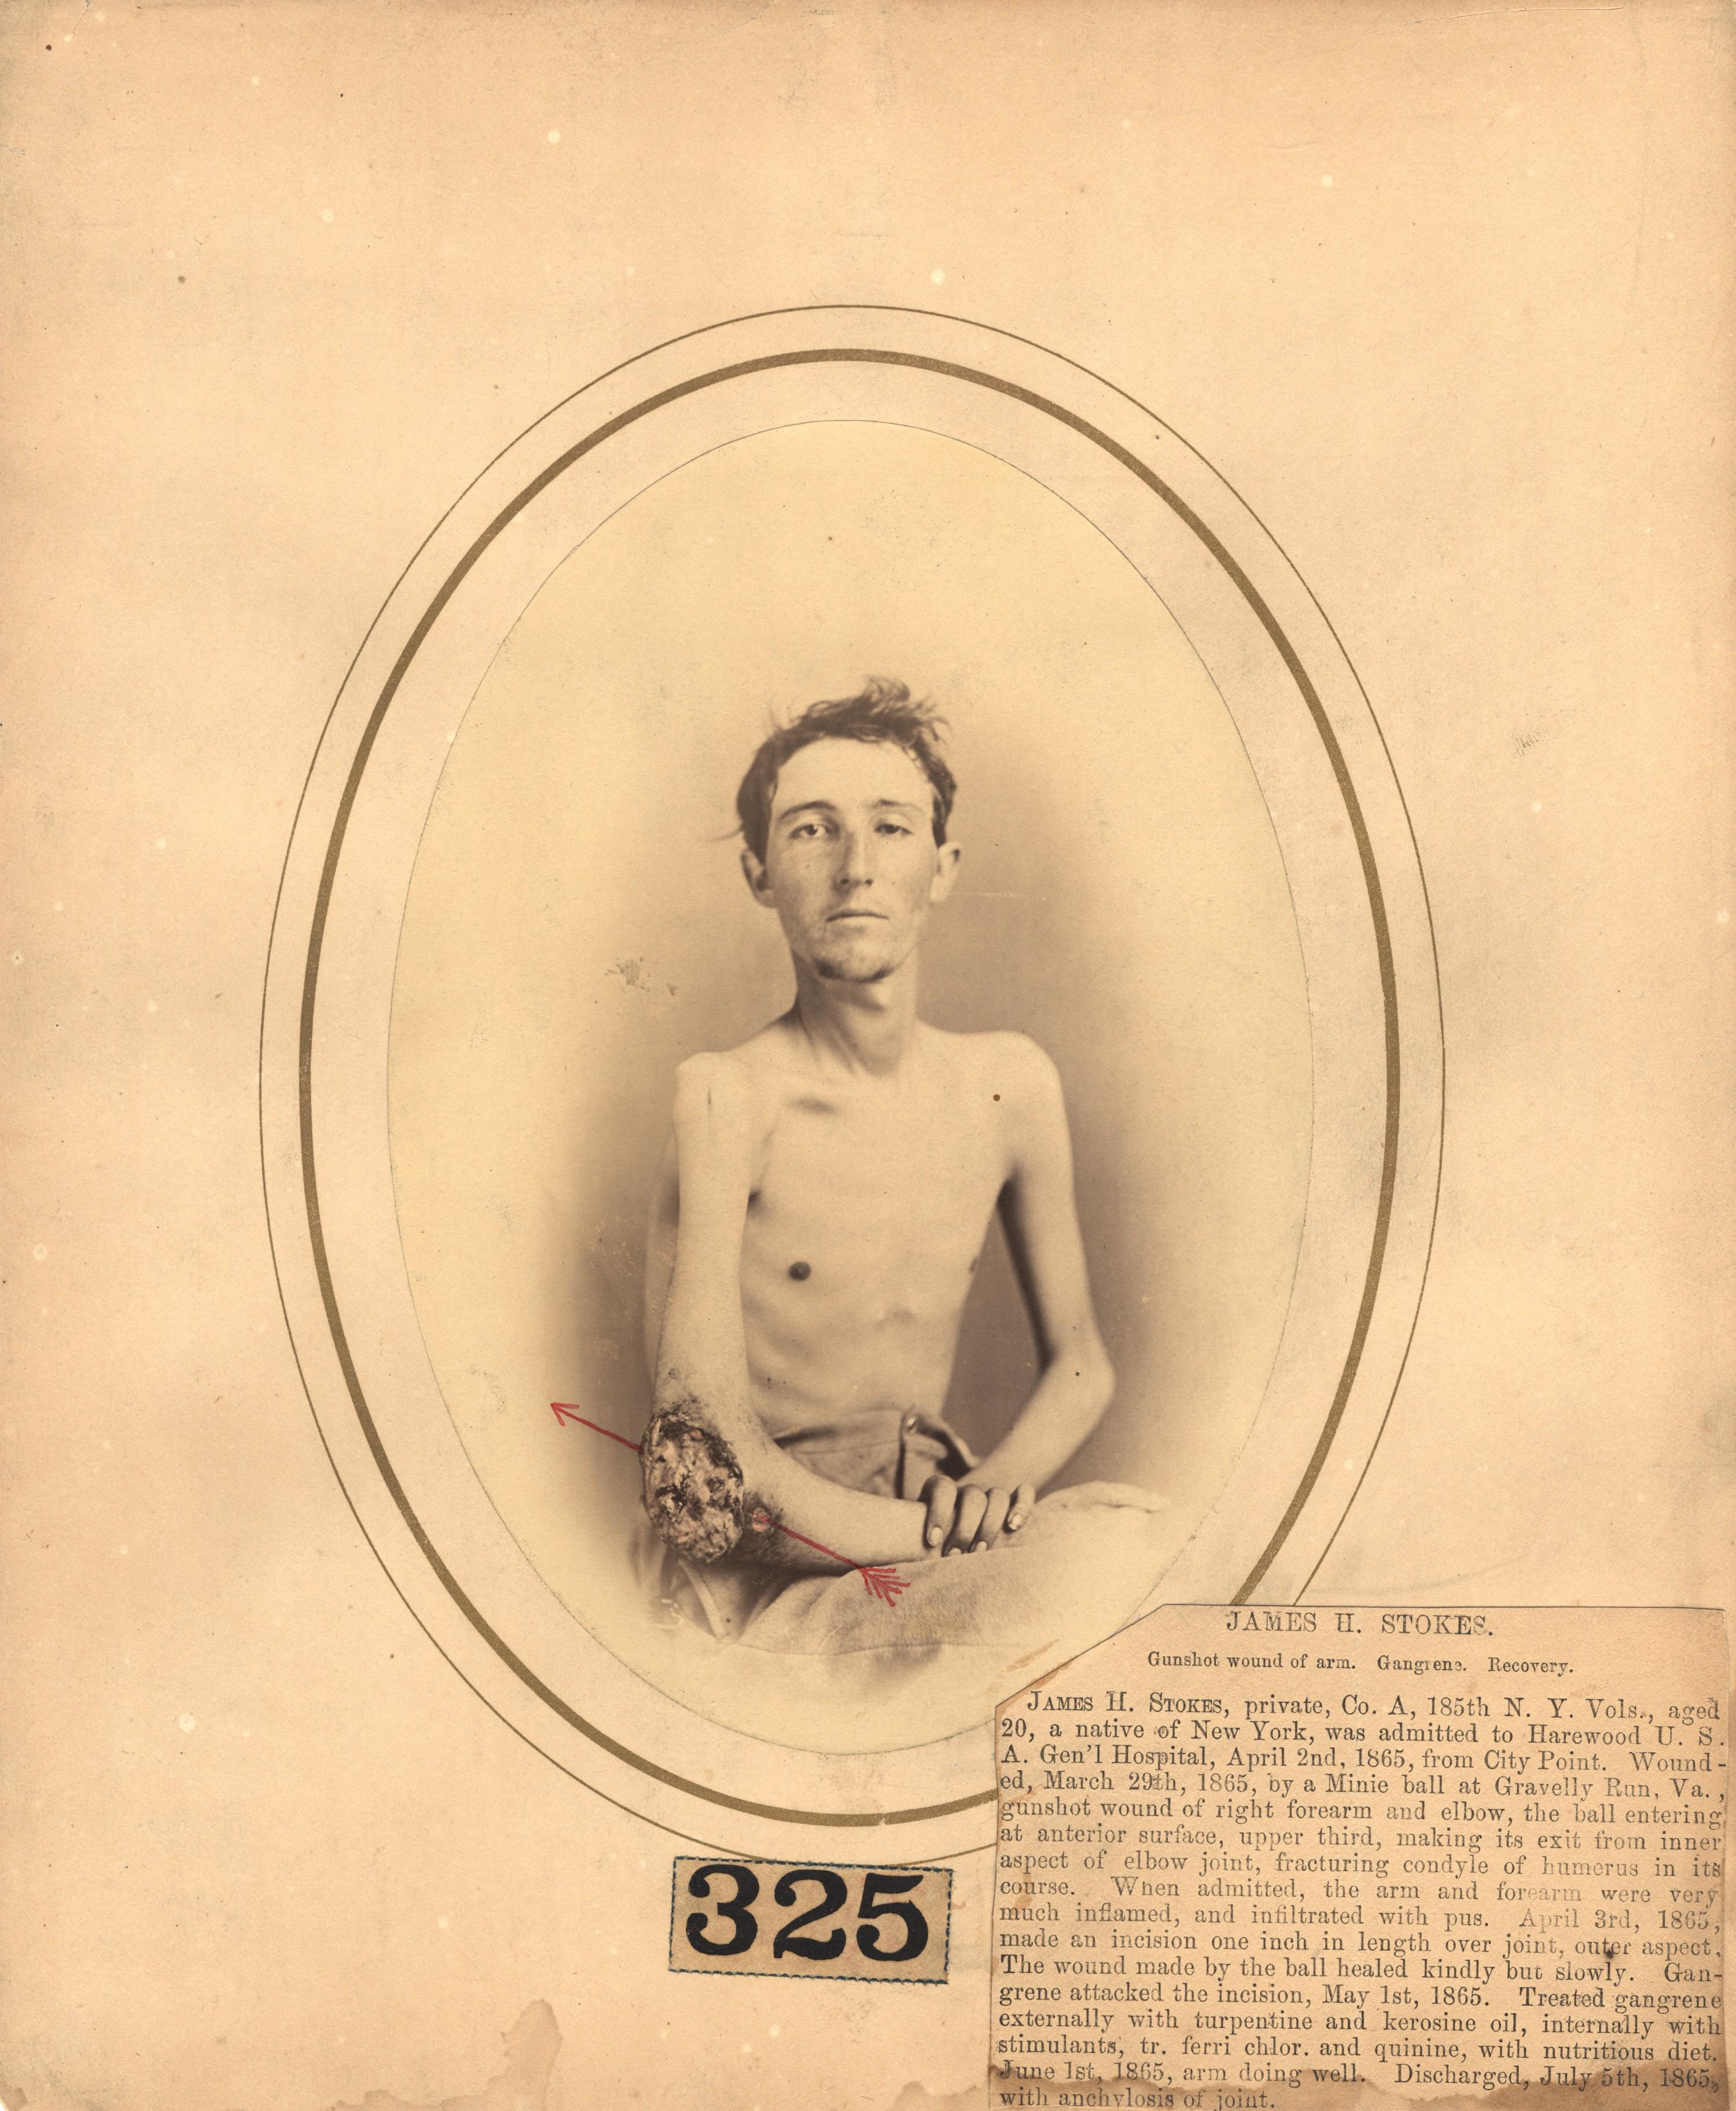 Fotó: Reed B. Bontecou: James H stokes, 20 éves közlegény, 1865. március 29-én sebesült meg a virginiai Gravelly Runnál. The National Library of Medicine